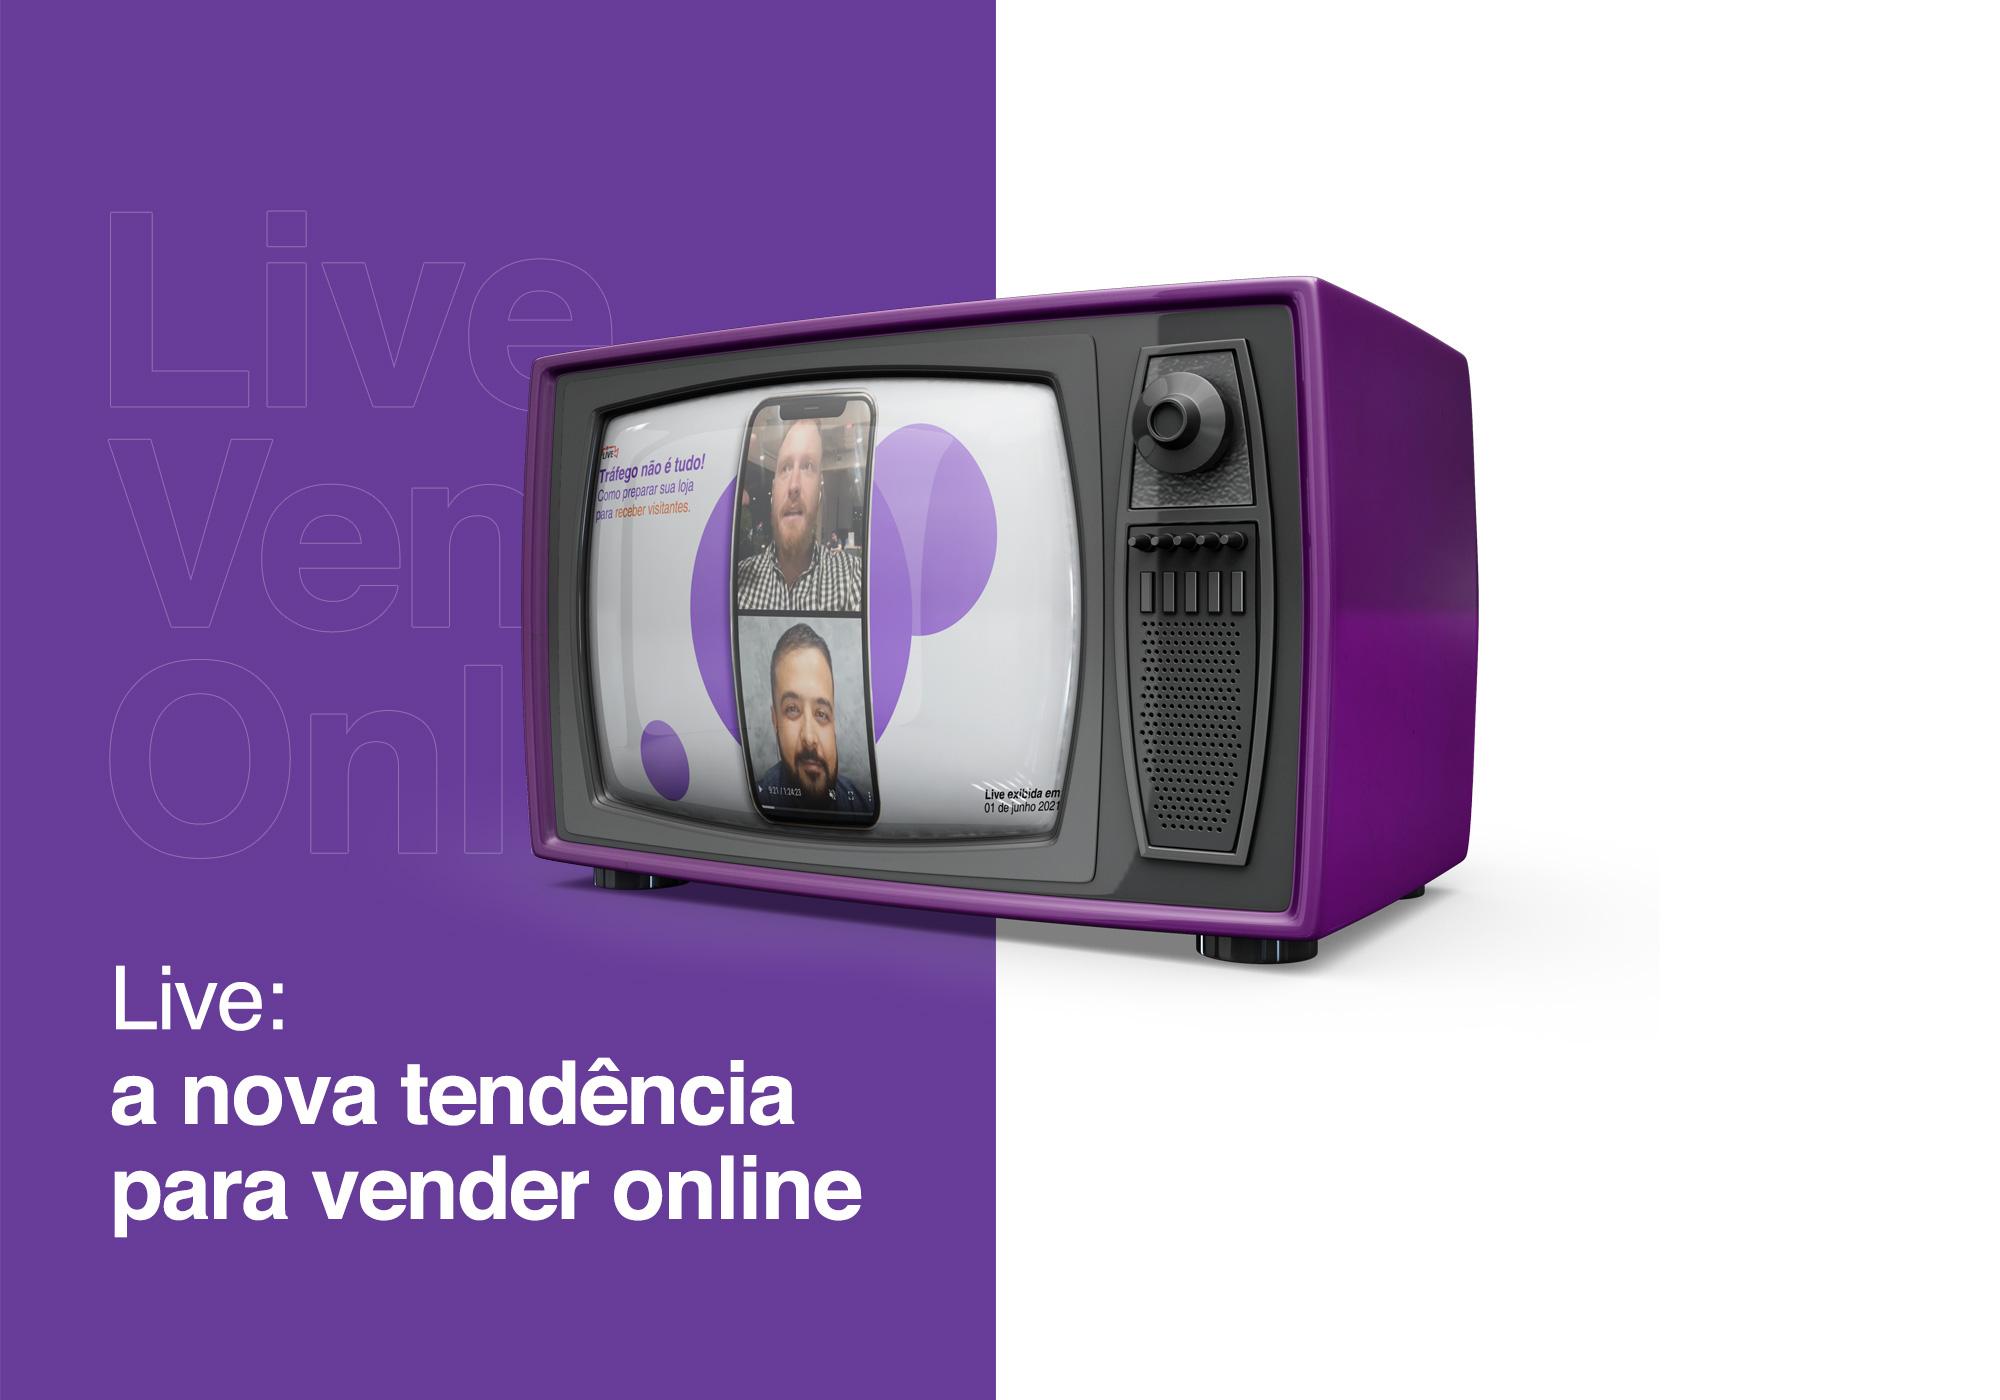 Livecommerce: a nova tendência para vender online